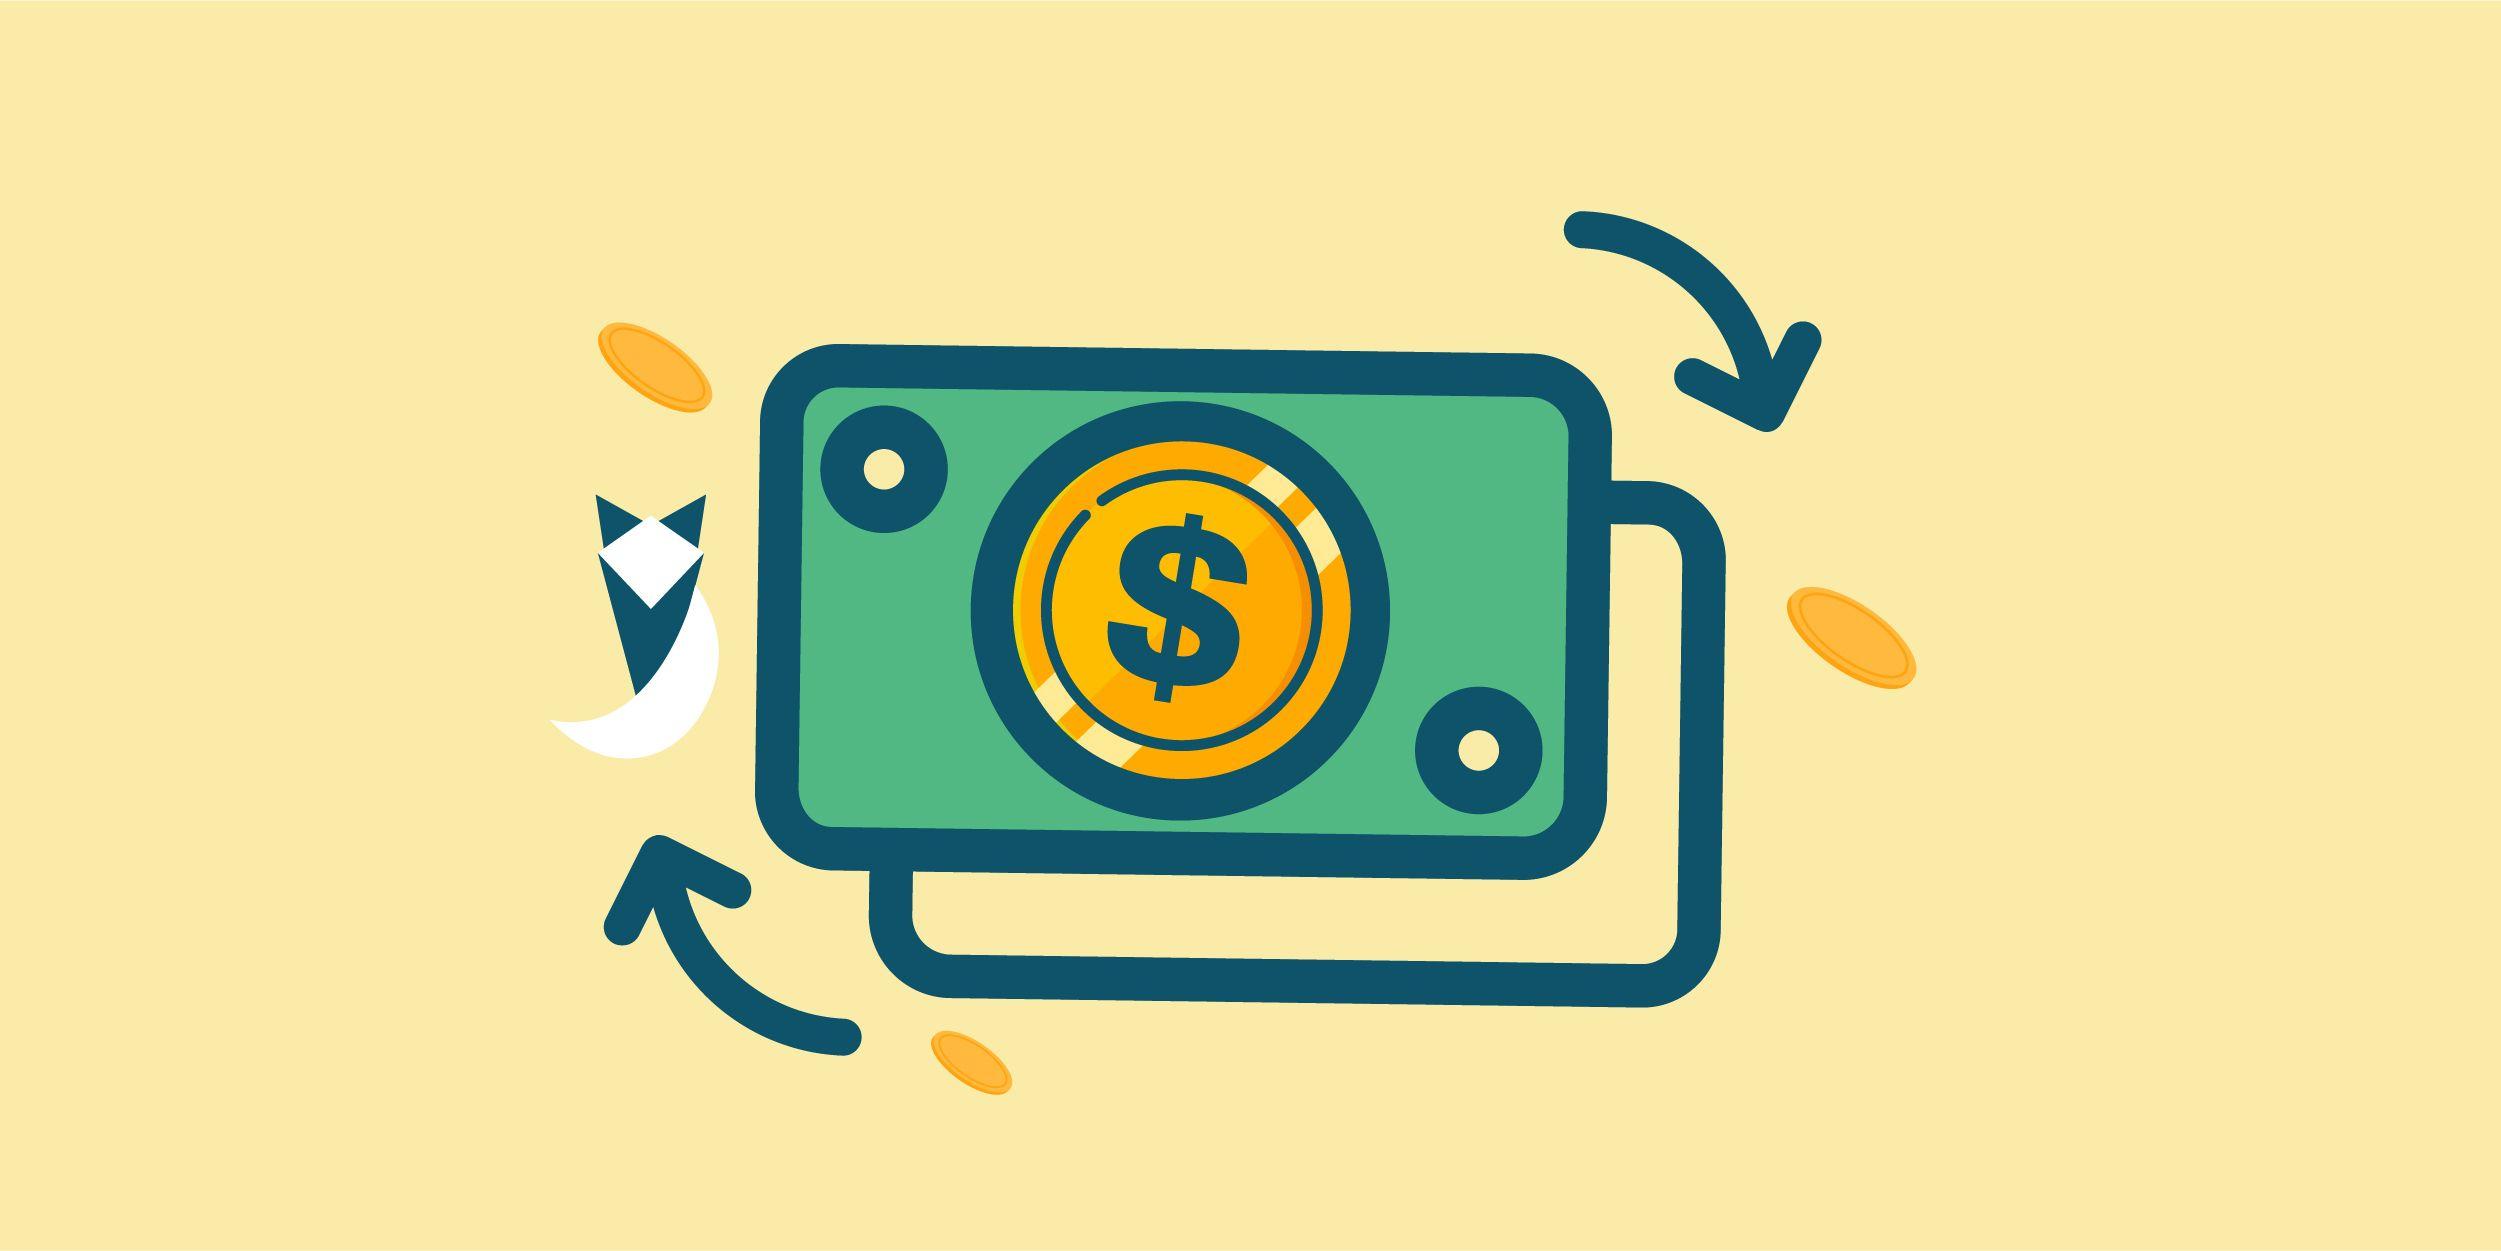 سعر الدولار فى البنوك المصرية اليوم 23 أغسطس 2021